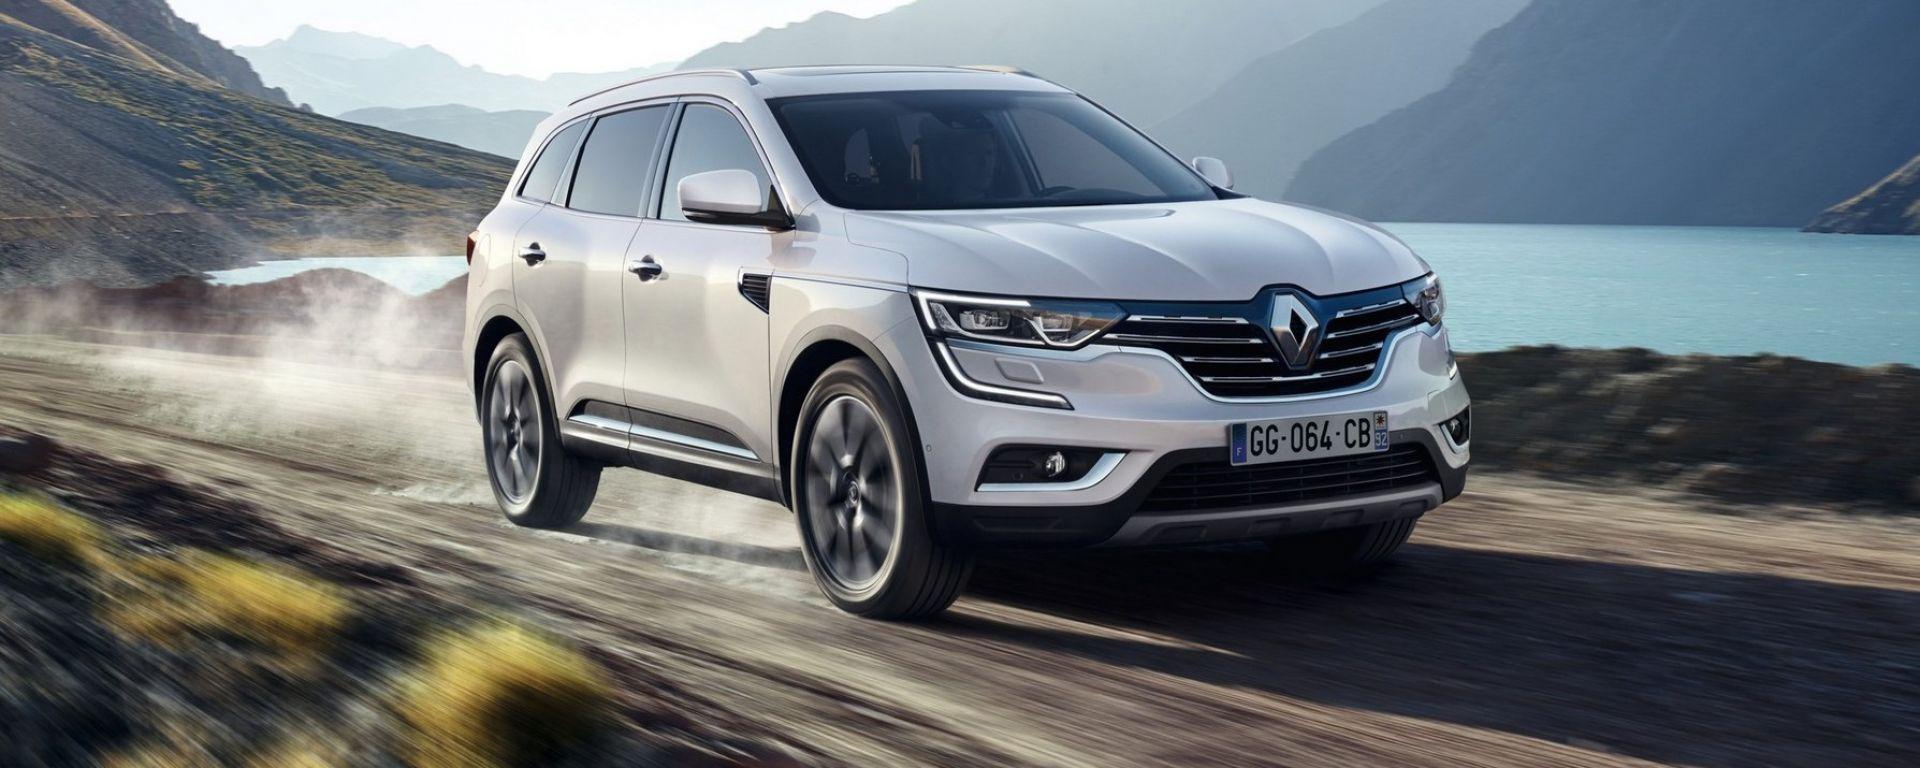 La nuova Renault Koleos ha la trazione integrale ALL MODE 4x4-i